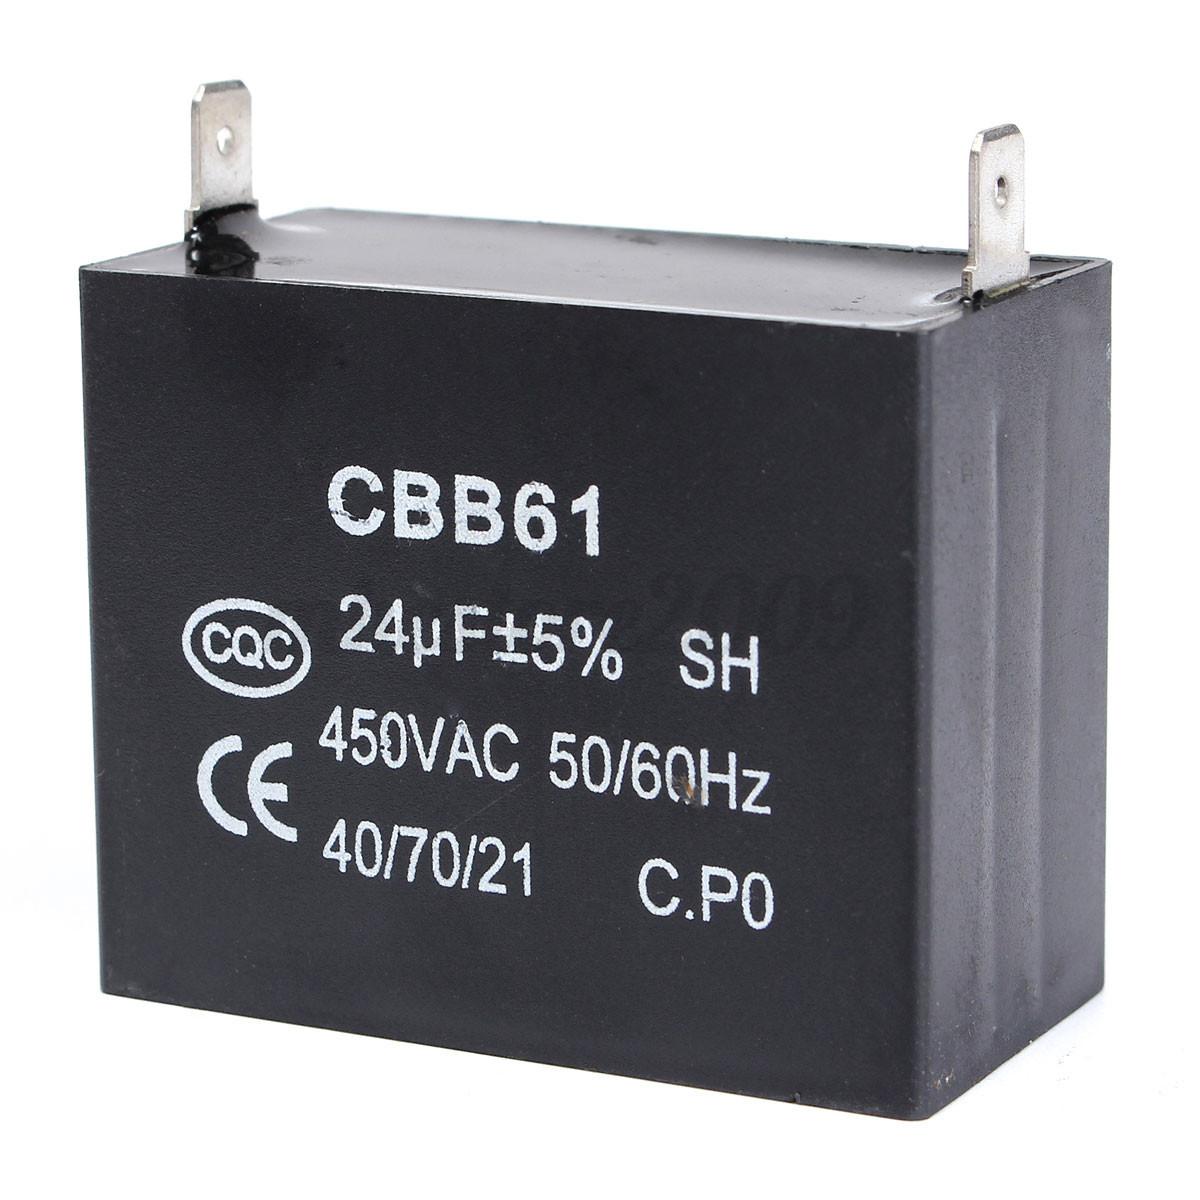 Cbb61 Capacitor 24uf 24mfd 450v Ac 450 Vac 50 60hz Fits